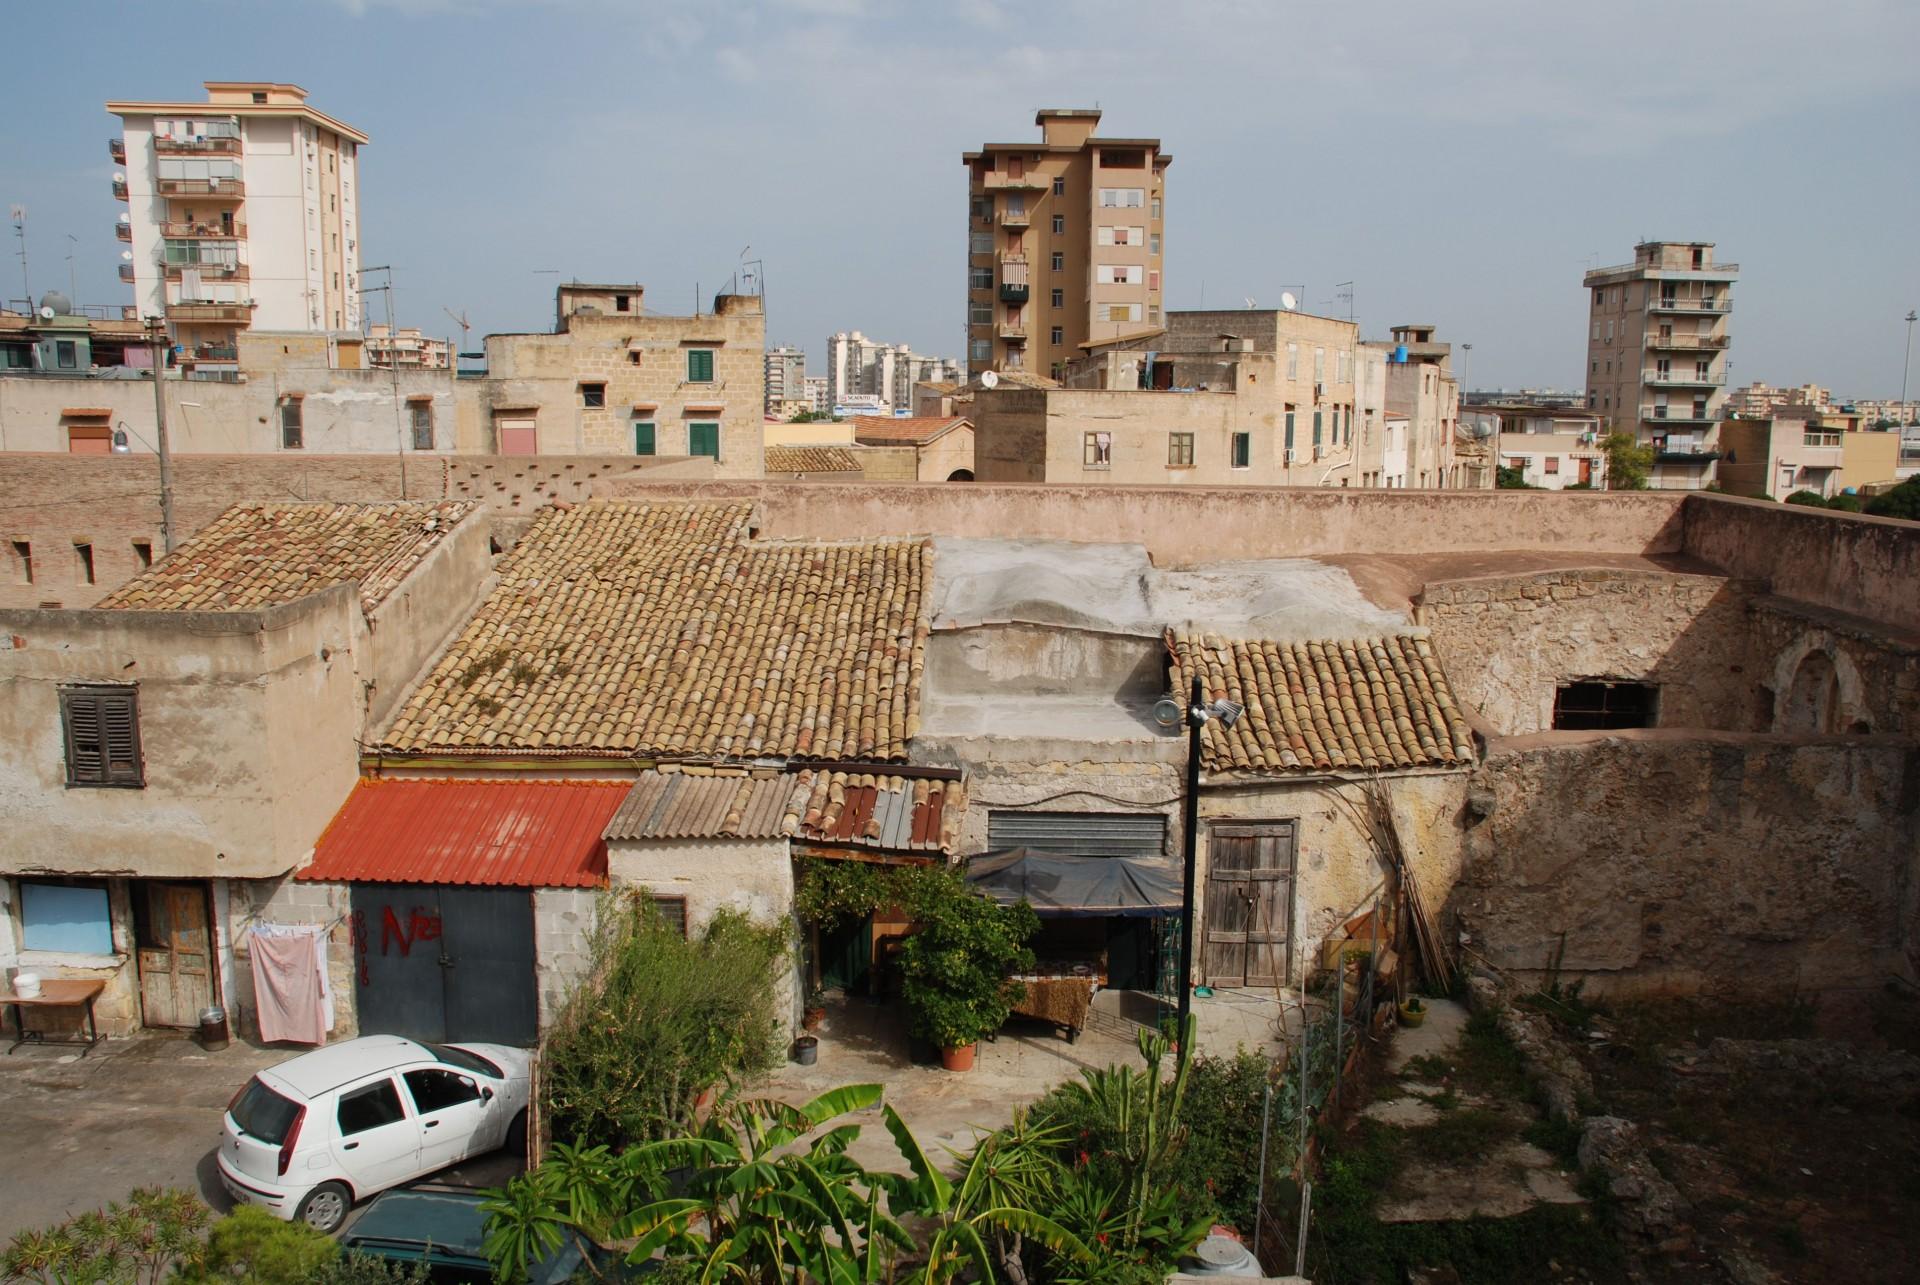 castello-di-giafar-corte-interna-con-abitazioni-abusive-luigi-latini-fondazione-benetton